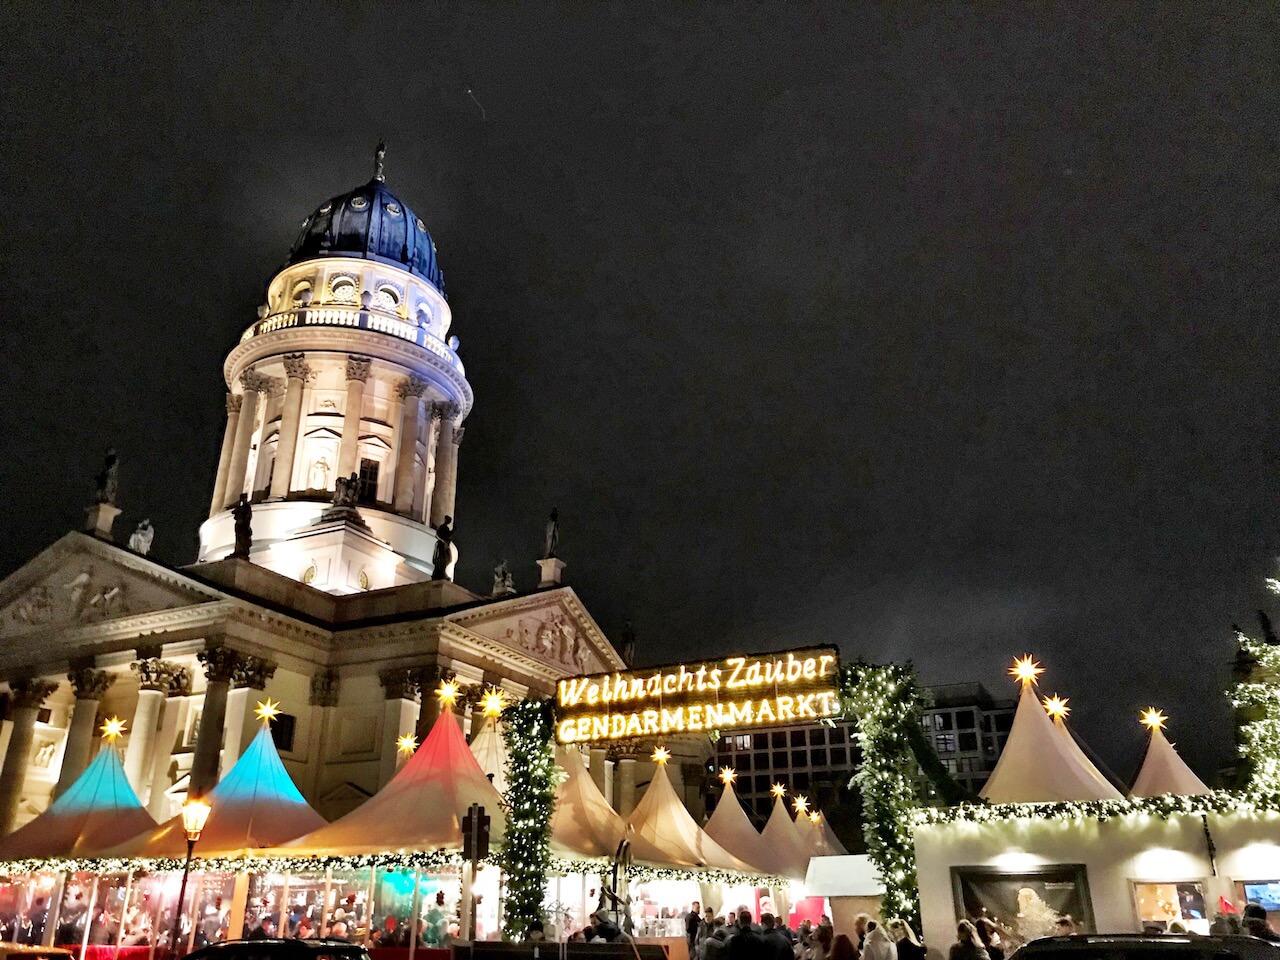 Zauberhafte Weihnachten im Hotel Annaway 15 Gendarmenmarkt